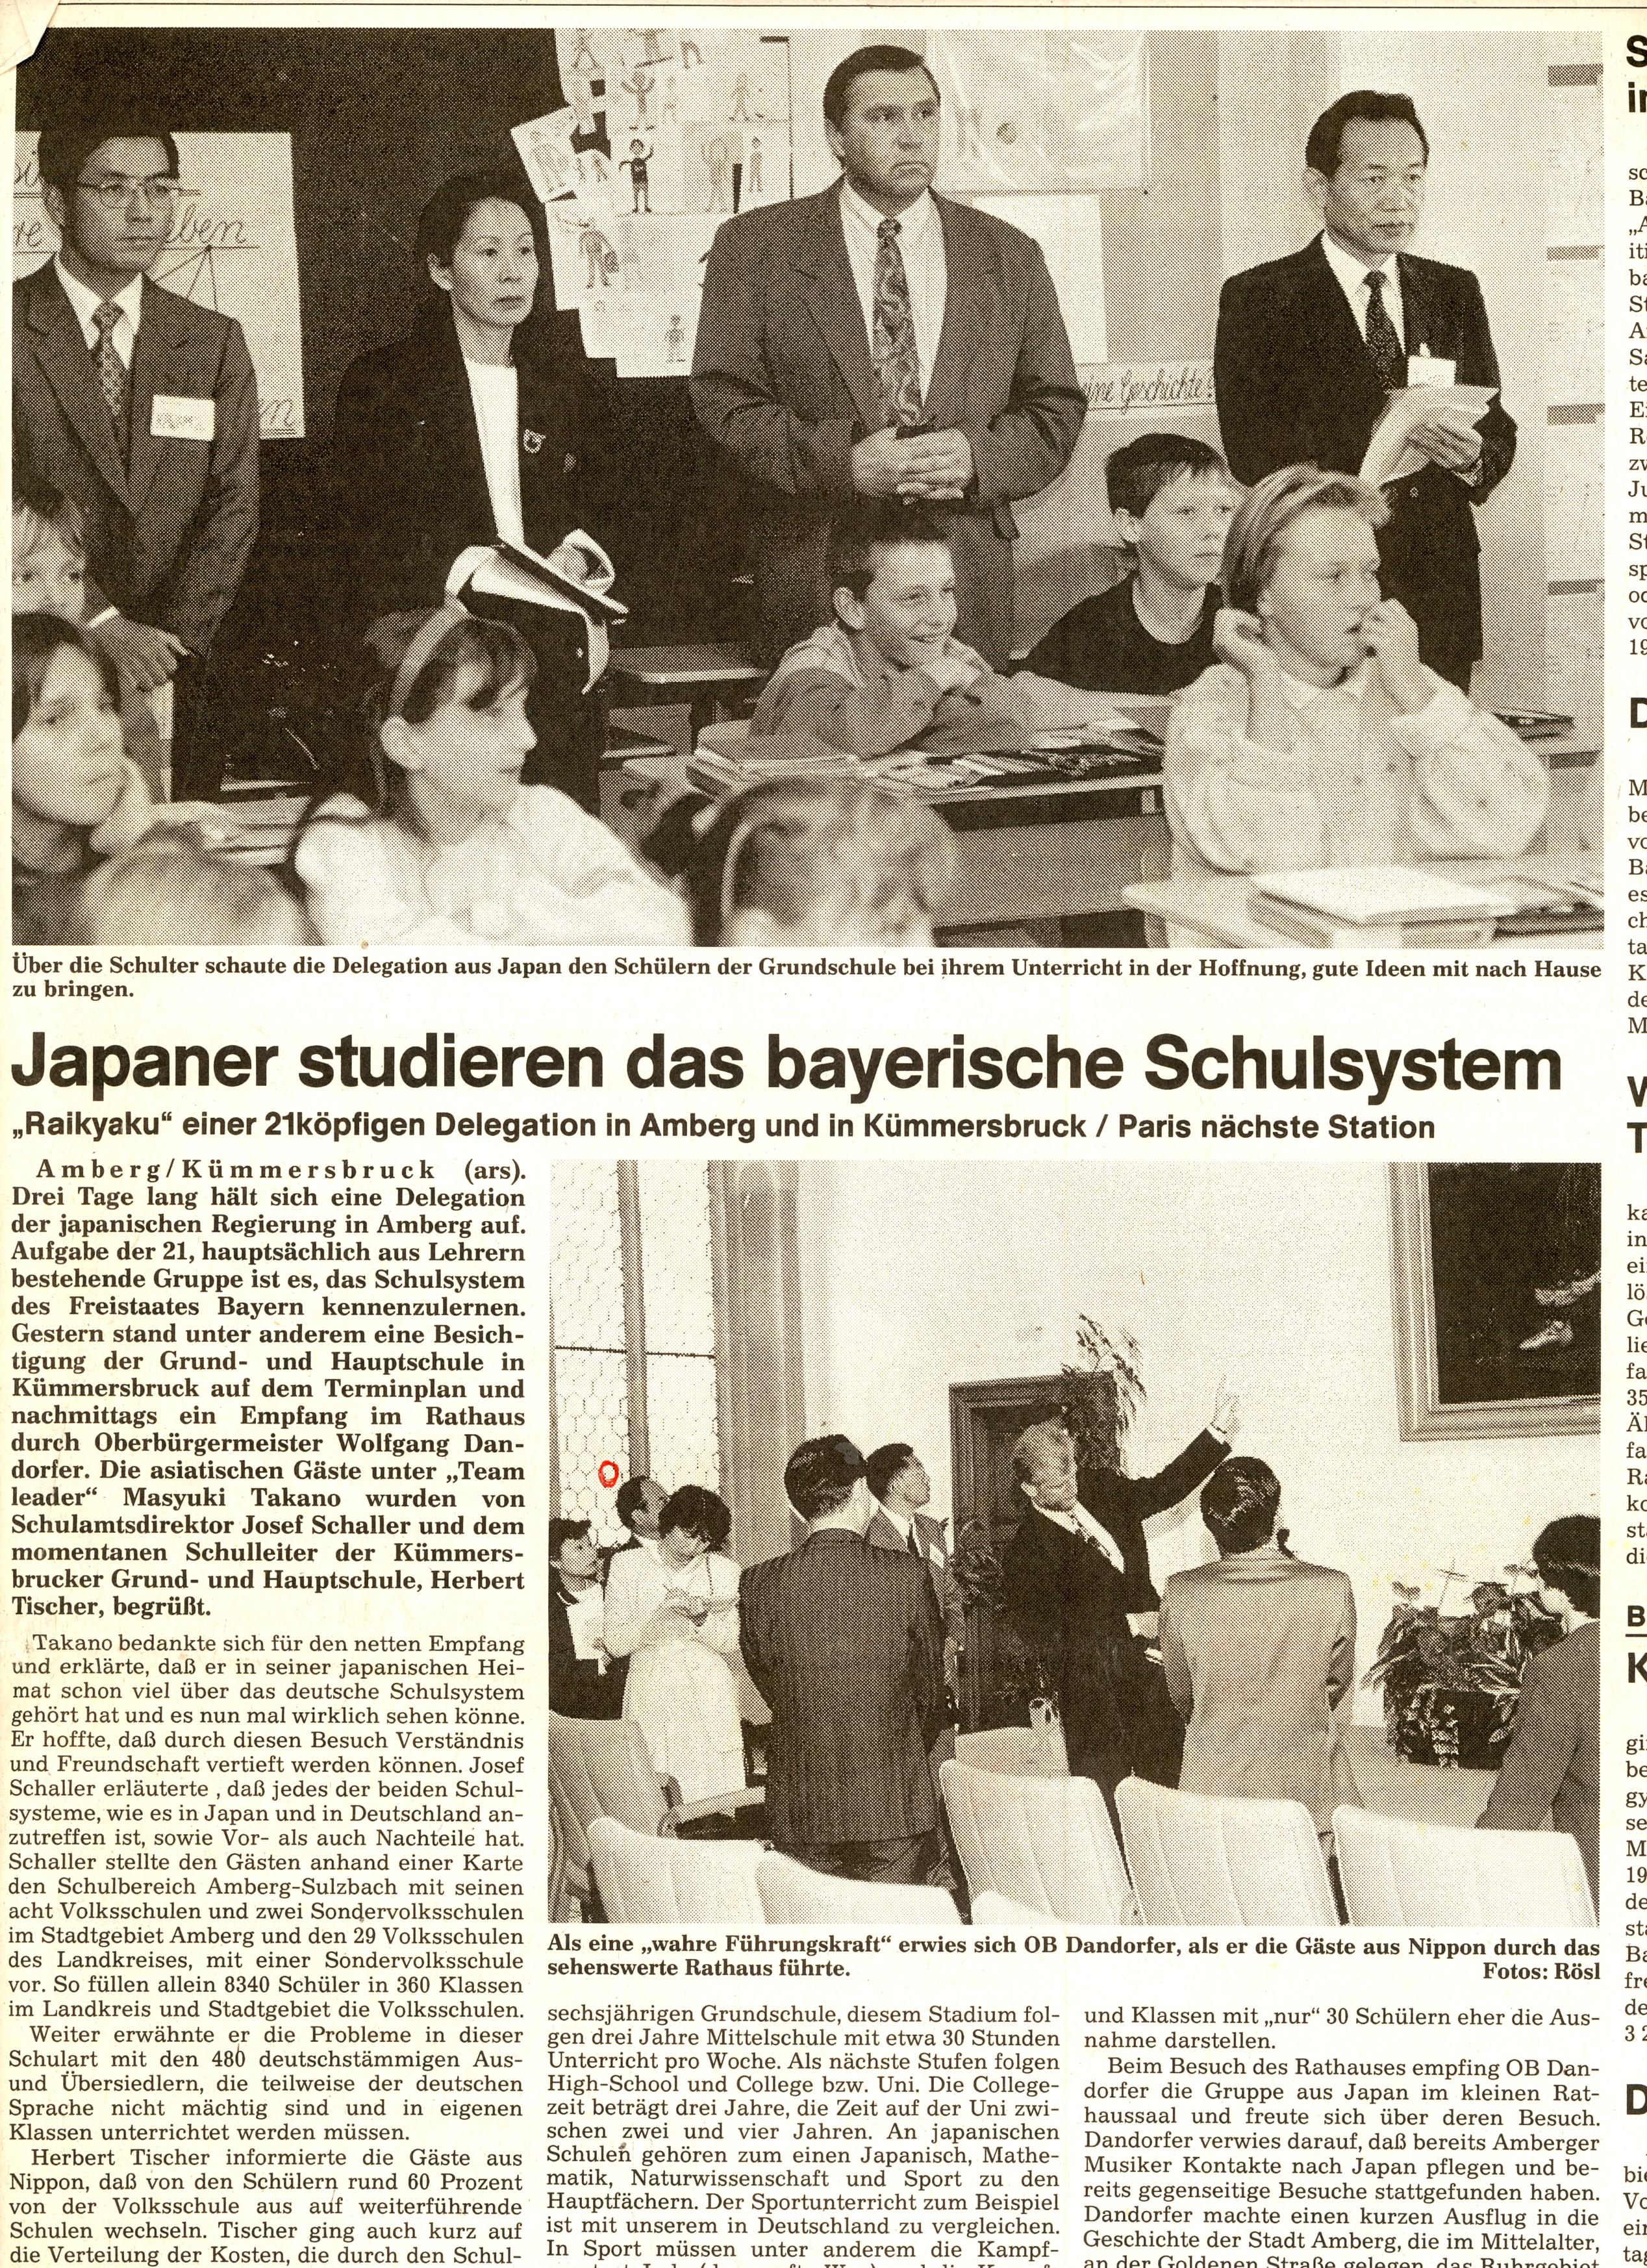 ドイツ・アンベルク市教育施設見学 'AMBERGER VOLKSBATT'紙1993年9月30日付